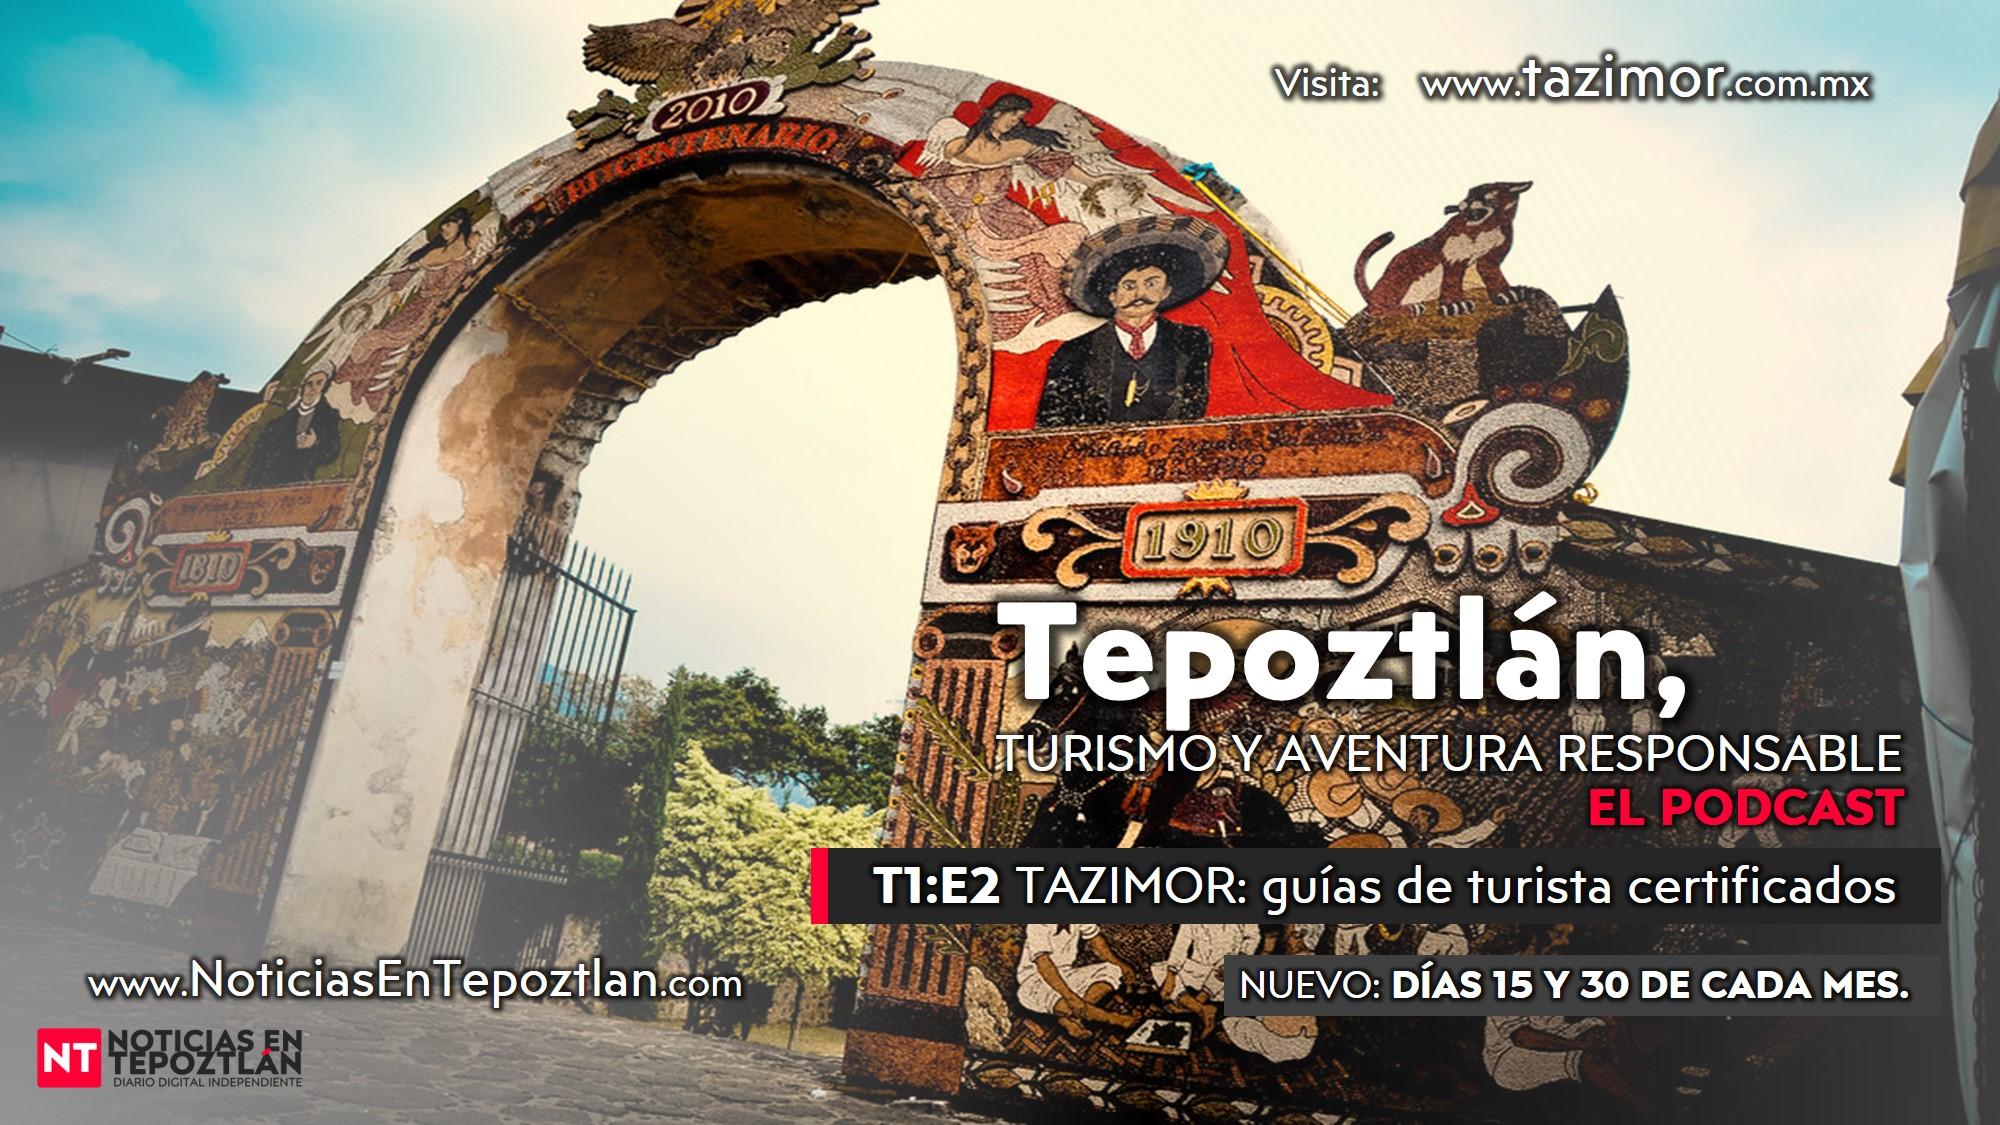 Tepoztlán, Turismo y Aventura Responsable. El Podcast T1:E2: TAZIMOR y su labor en la certificación de guías de turista